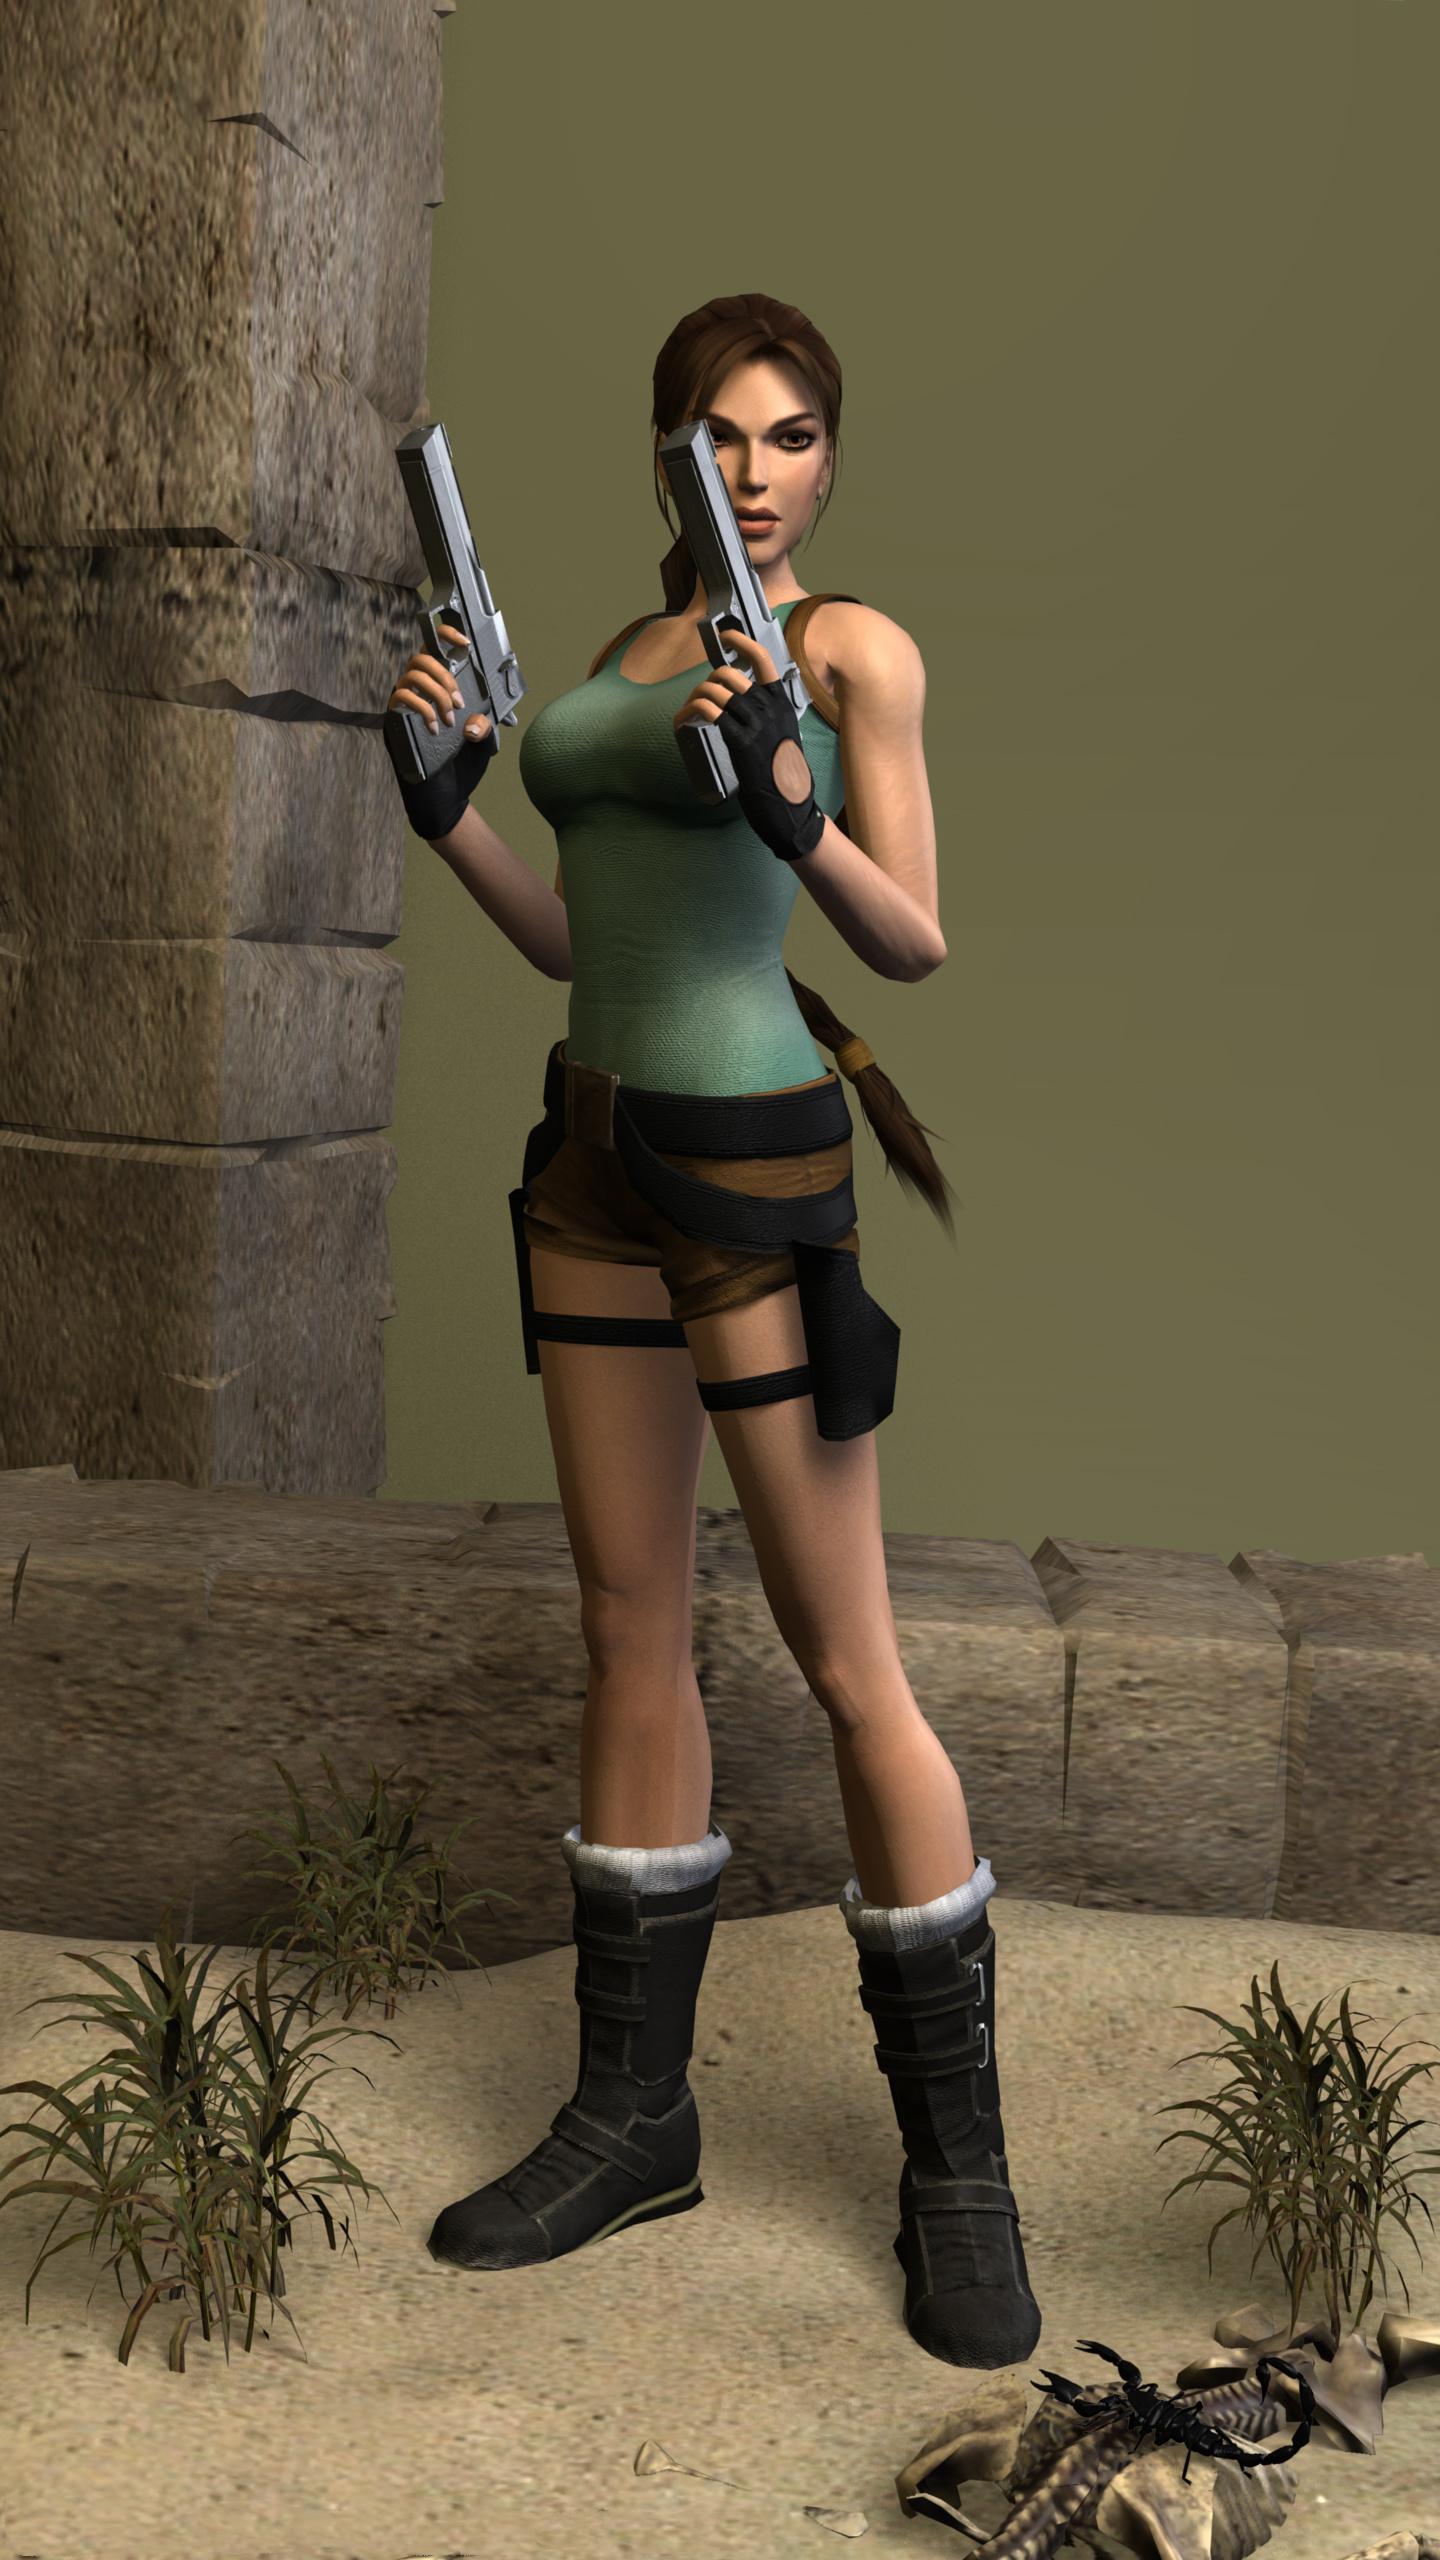 Fotos von Tomb Raider Tomb Raider Legend Pistolen Lara Croft Pose Mädchens 3D-Grafik Spiele  für Handy Pistole posiert junge frau junge Frauen computerspiel